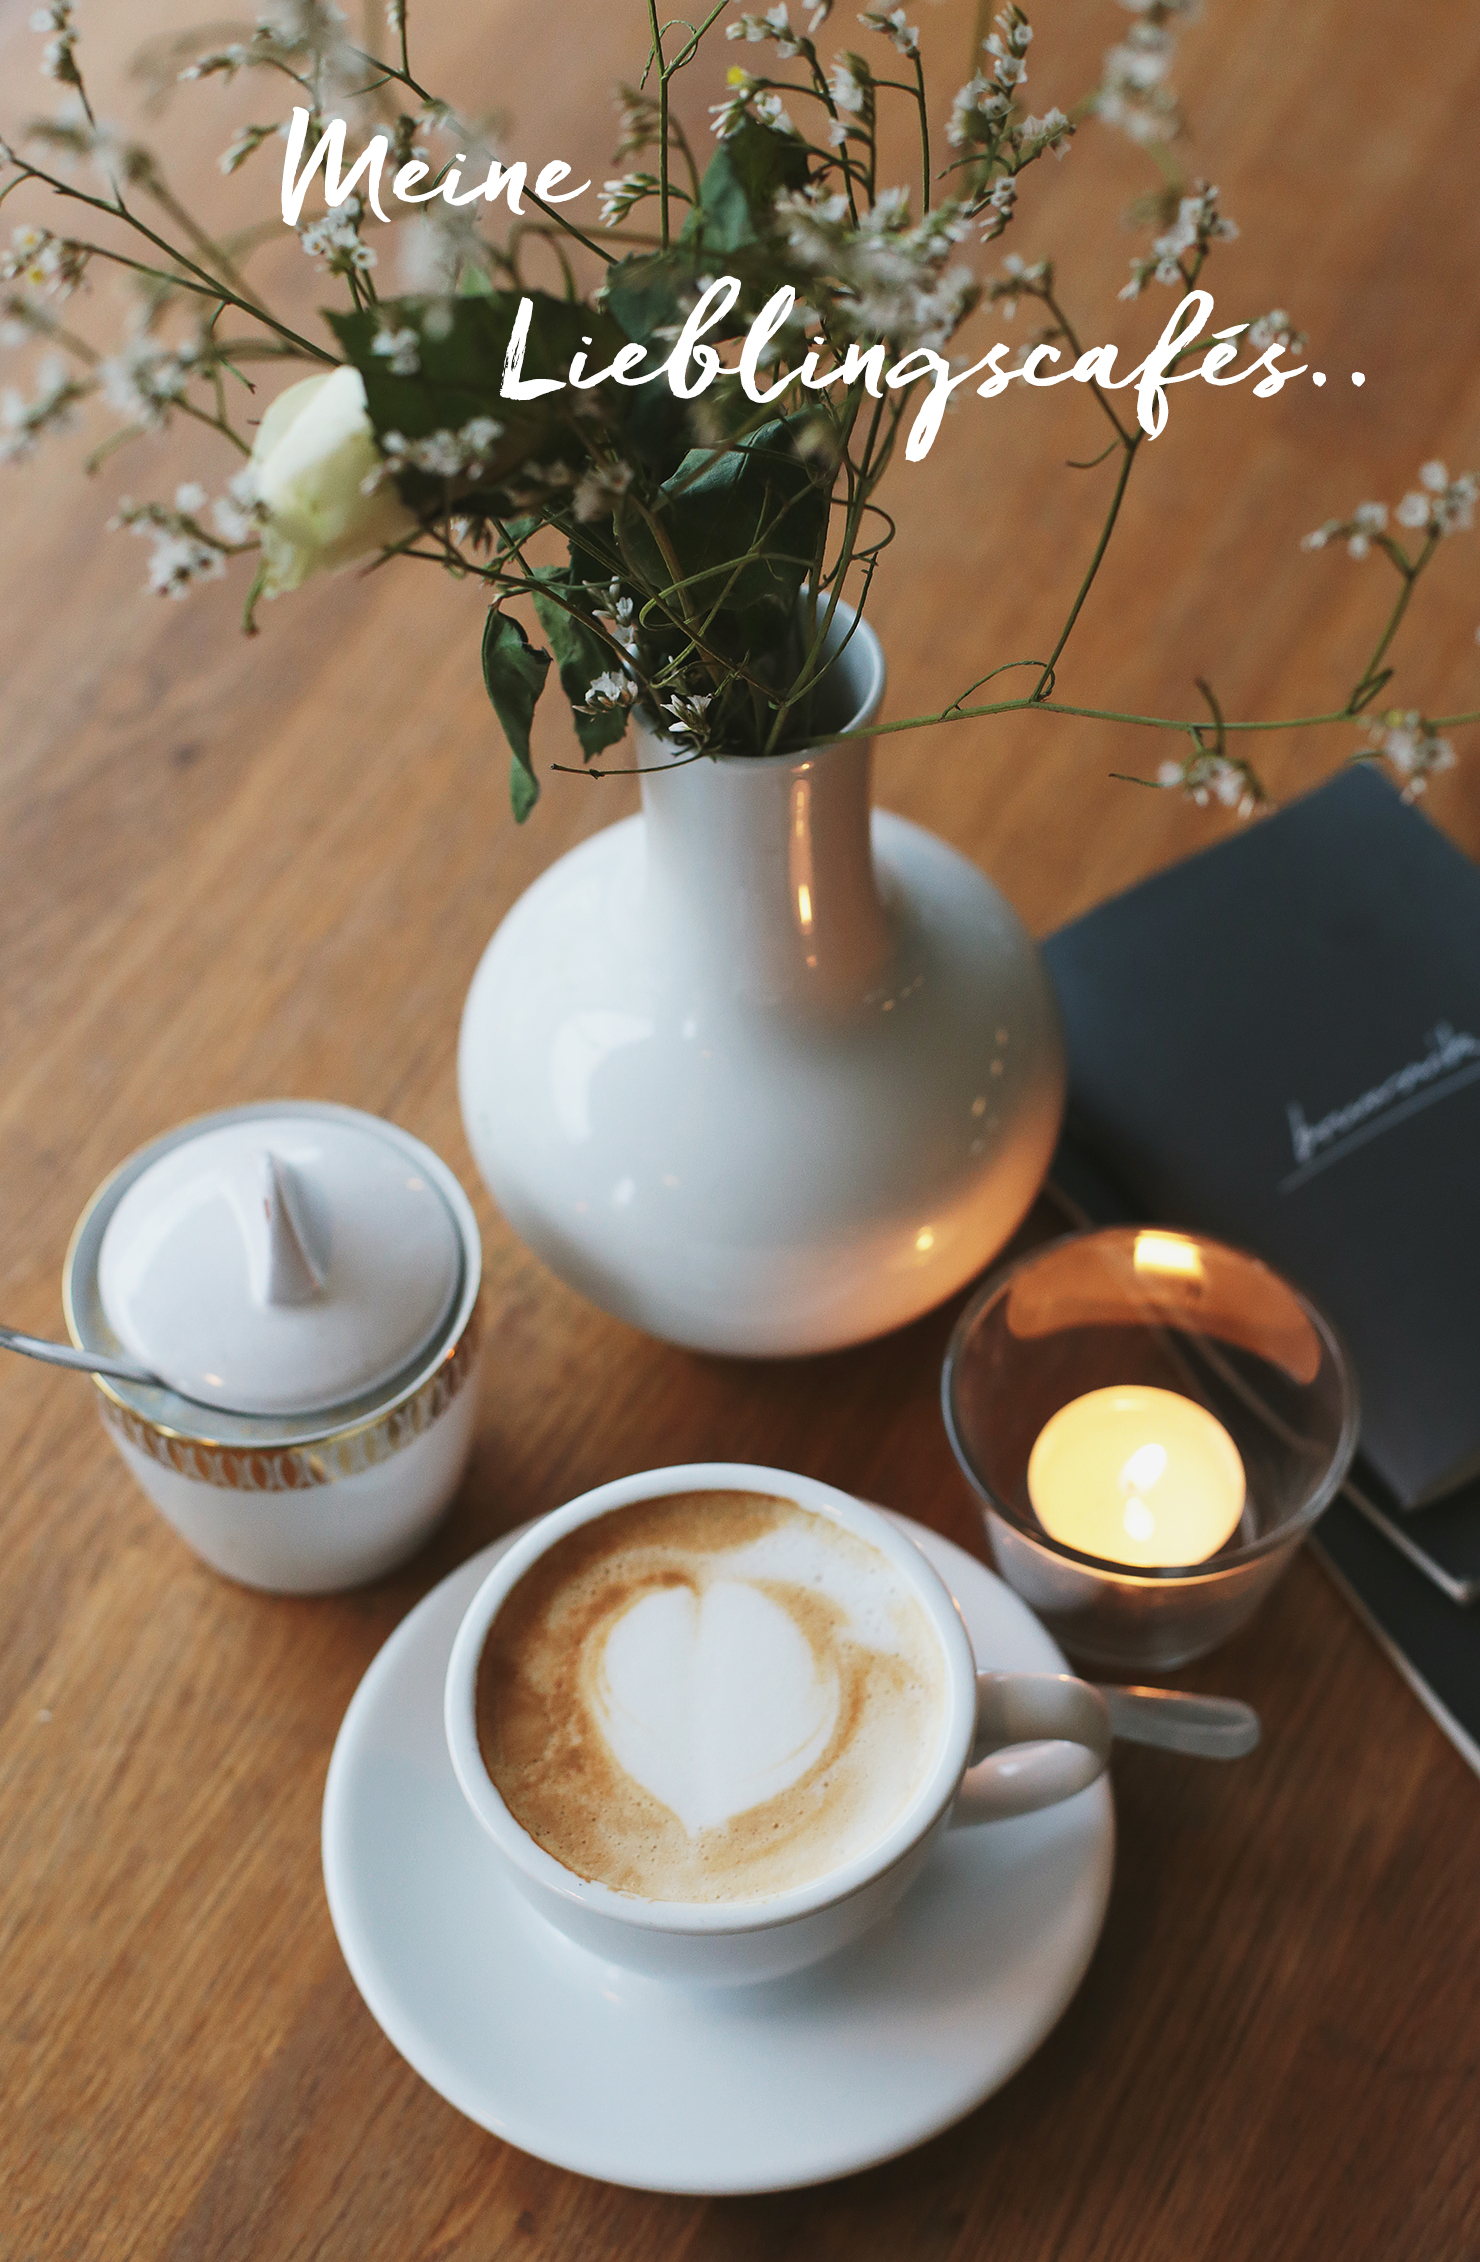 brunswik kiel, Café kiel, Küstenmerle Insider guide